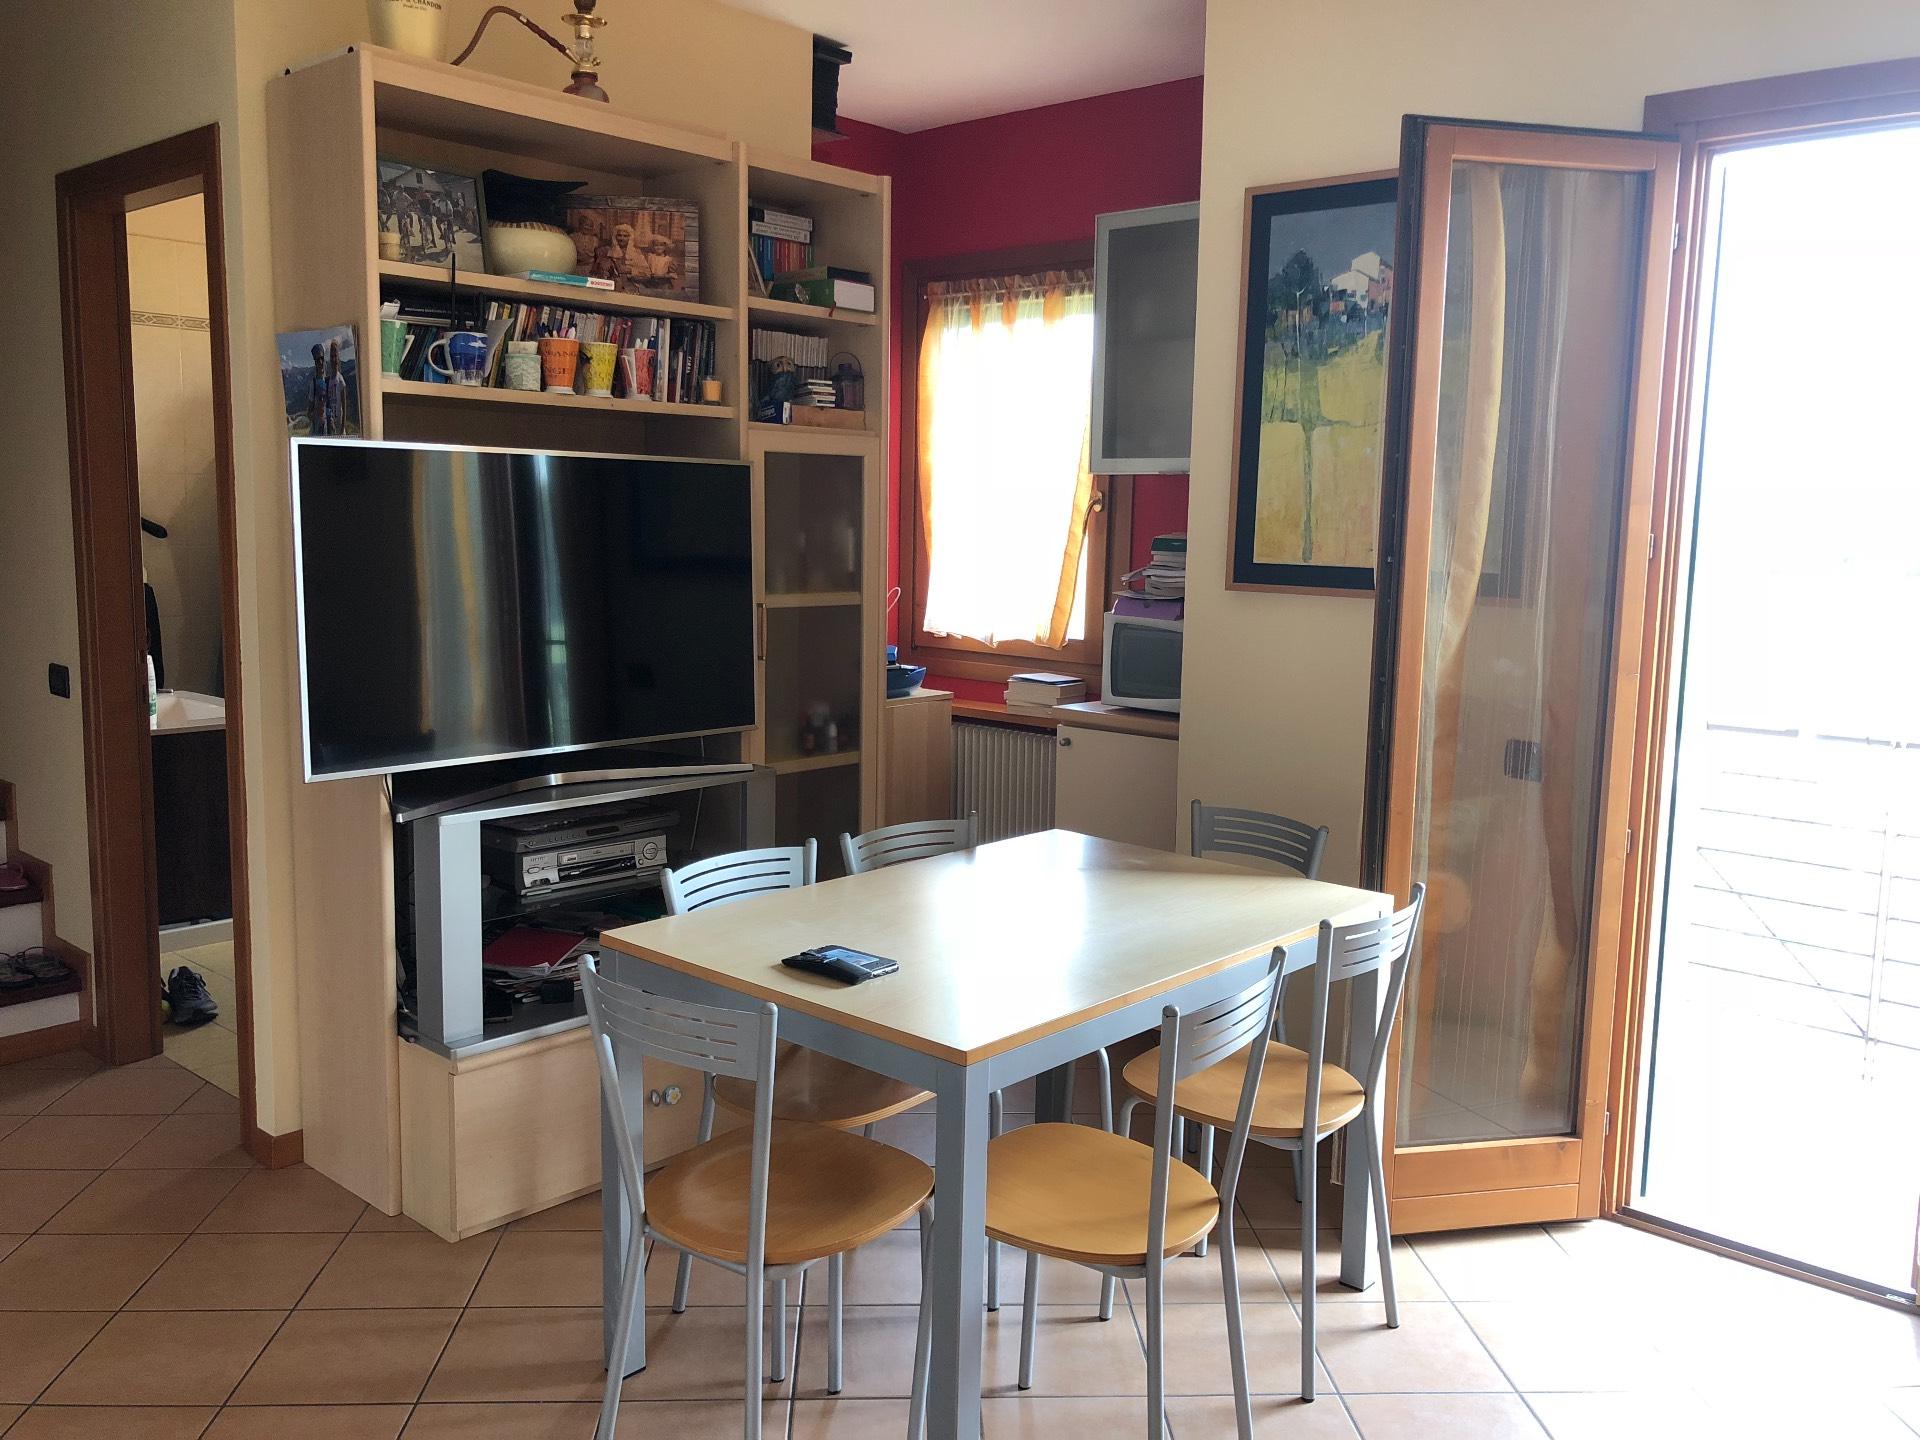 Appartamento in vendita a Giavera del Montello, 5 locali, zona Zona: Cusignana, prezzo € 109.000 | CambioCasa.it